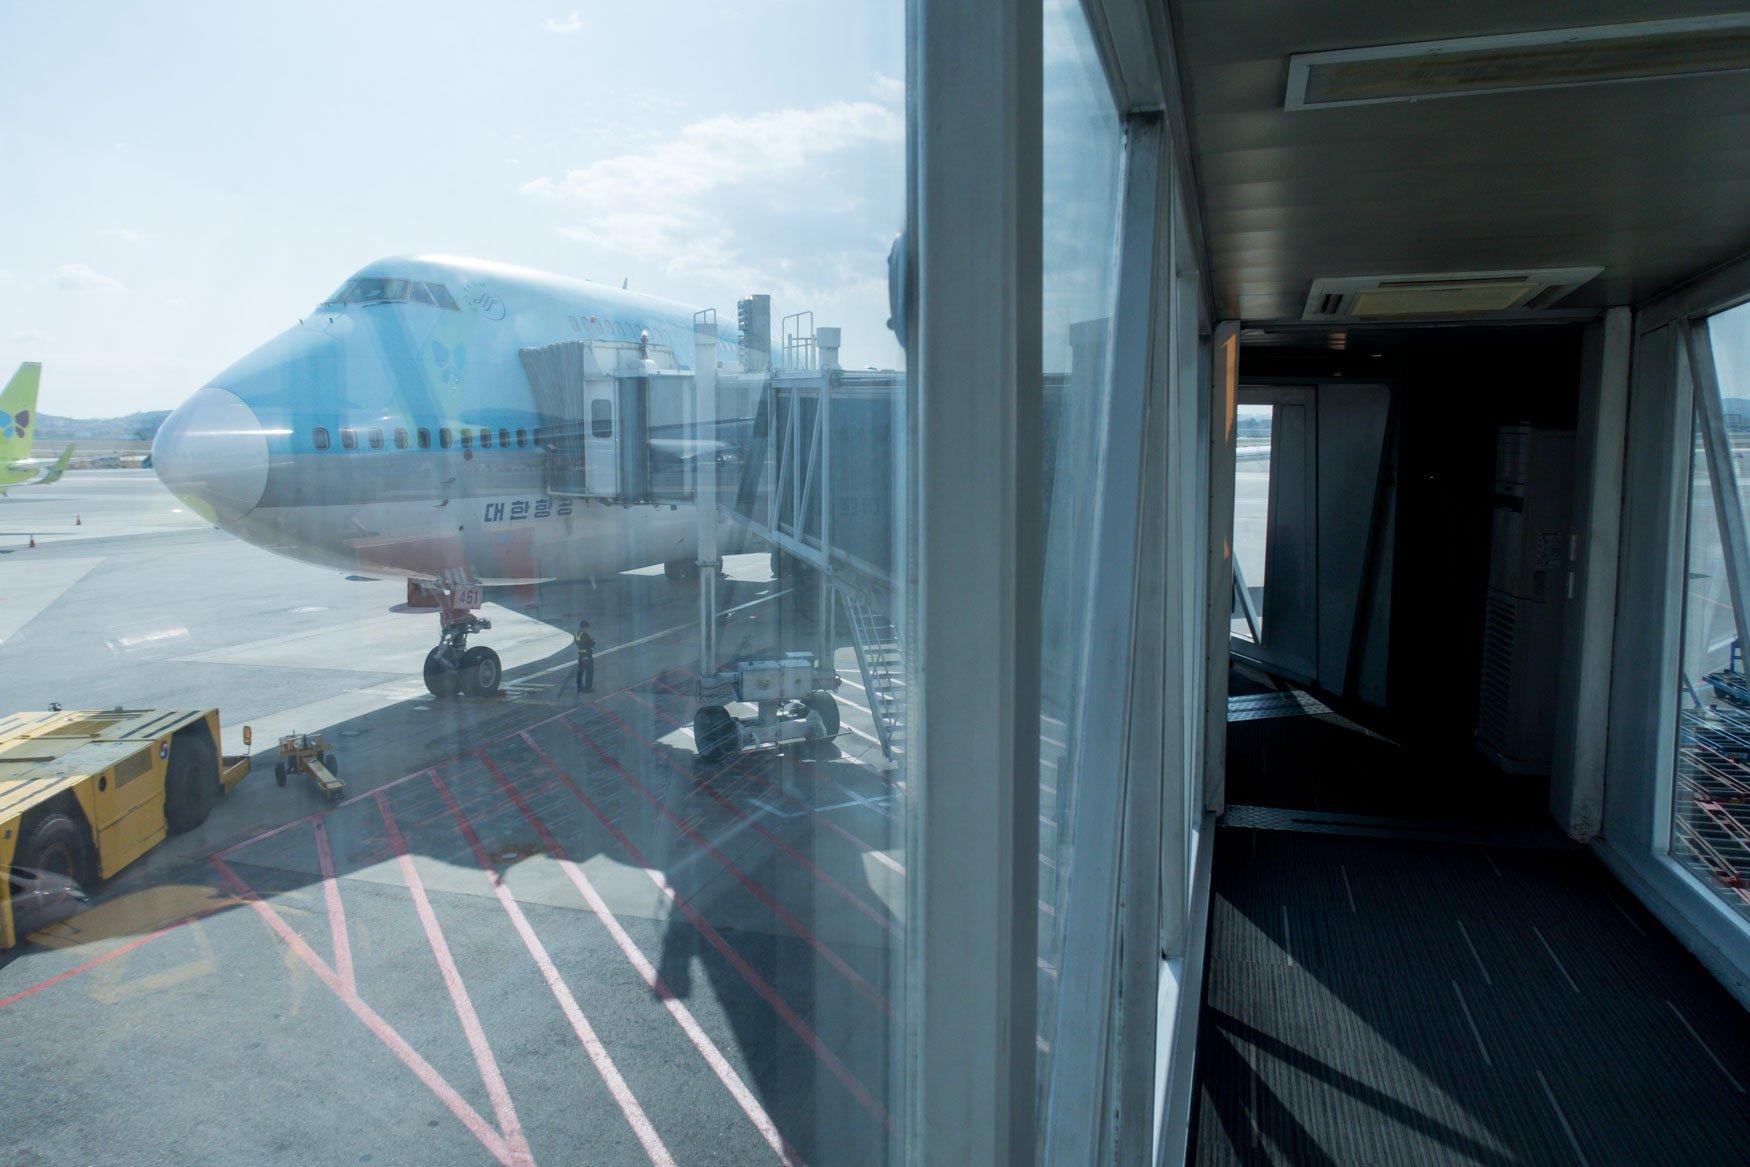 Boarding Korean Air 747-400